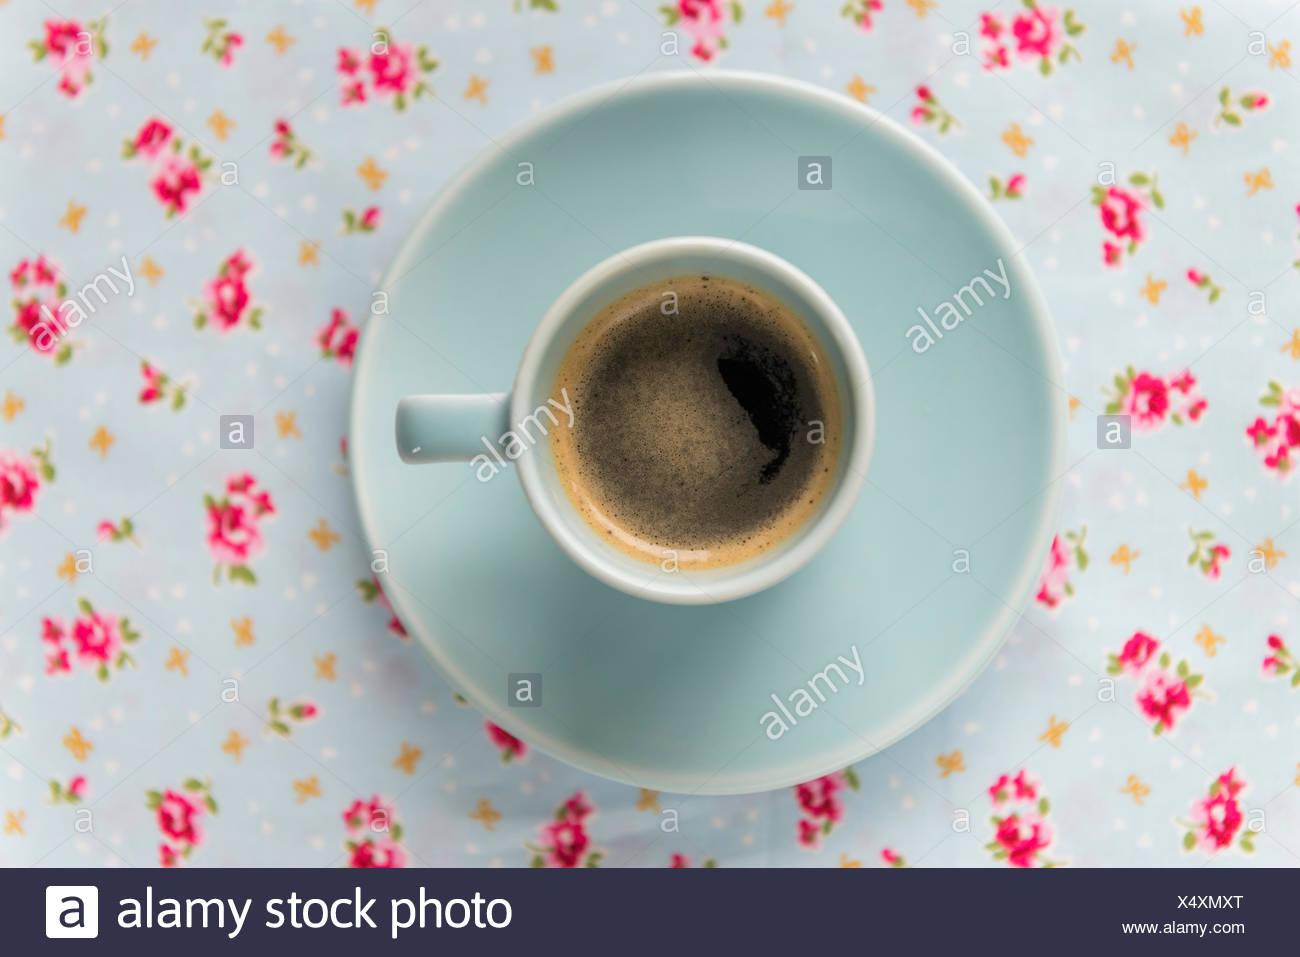 Espresso-Kaffeemaschine in einem blauen Tasse und Untertasse auf einer floral Tischdecke. Stockbild